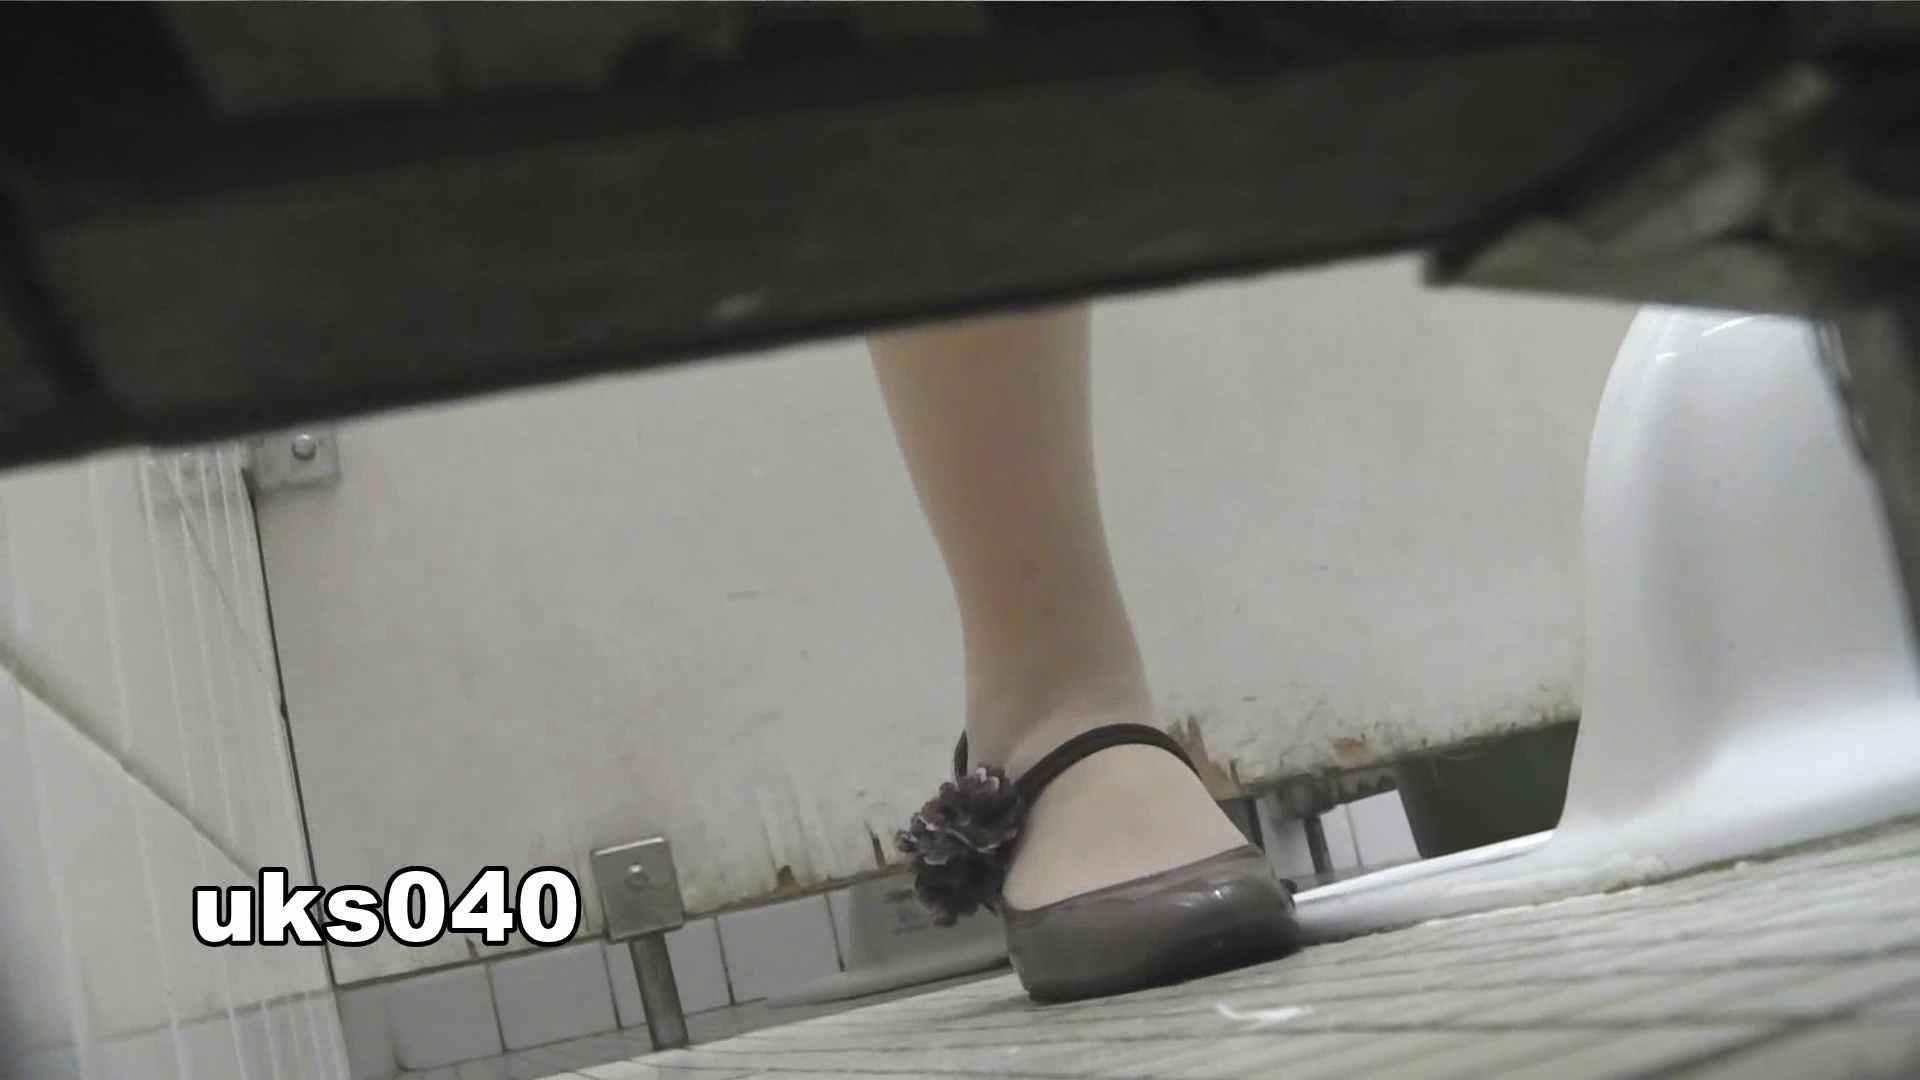 【美しき個室な世界】 vol.040 出て行かれる時の清楚姿撮り 高画質  88PIX 13